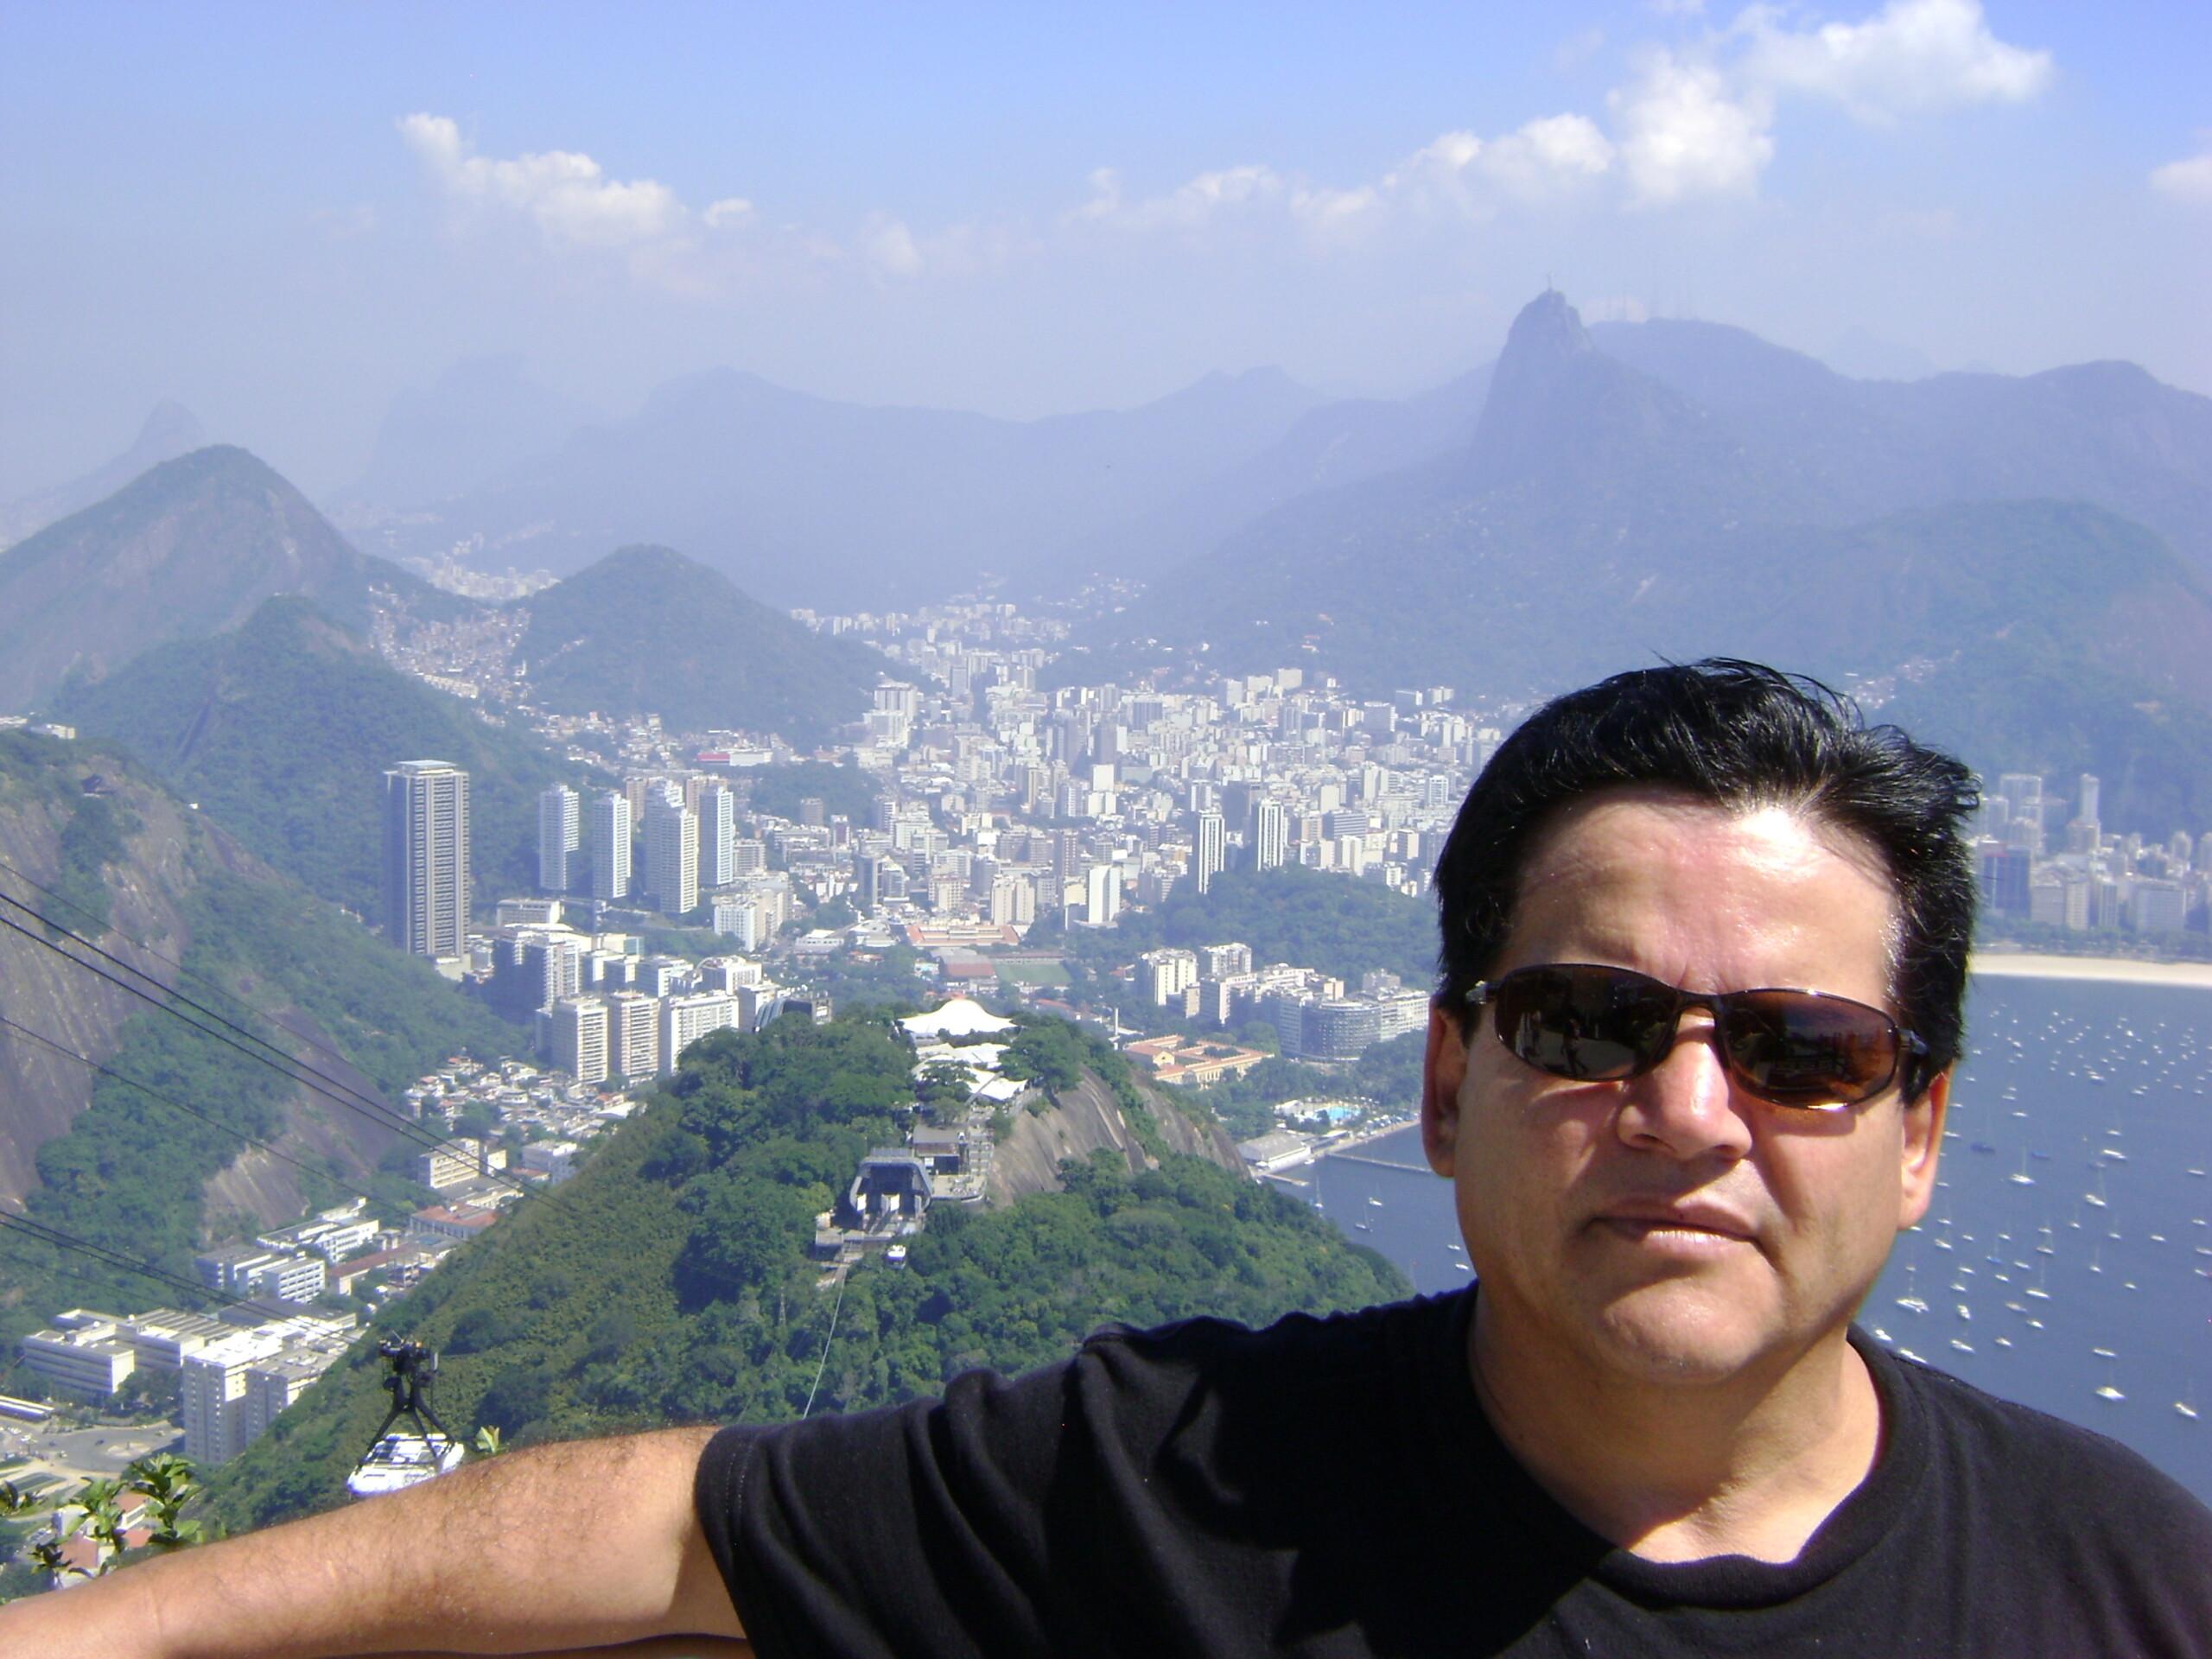 Luis Garita